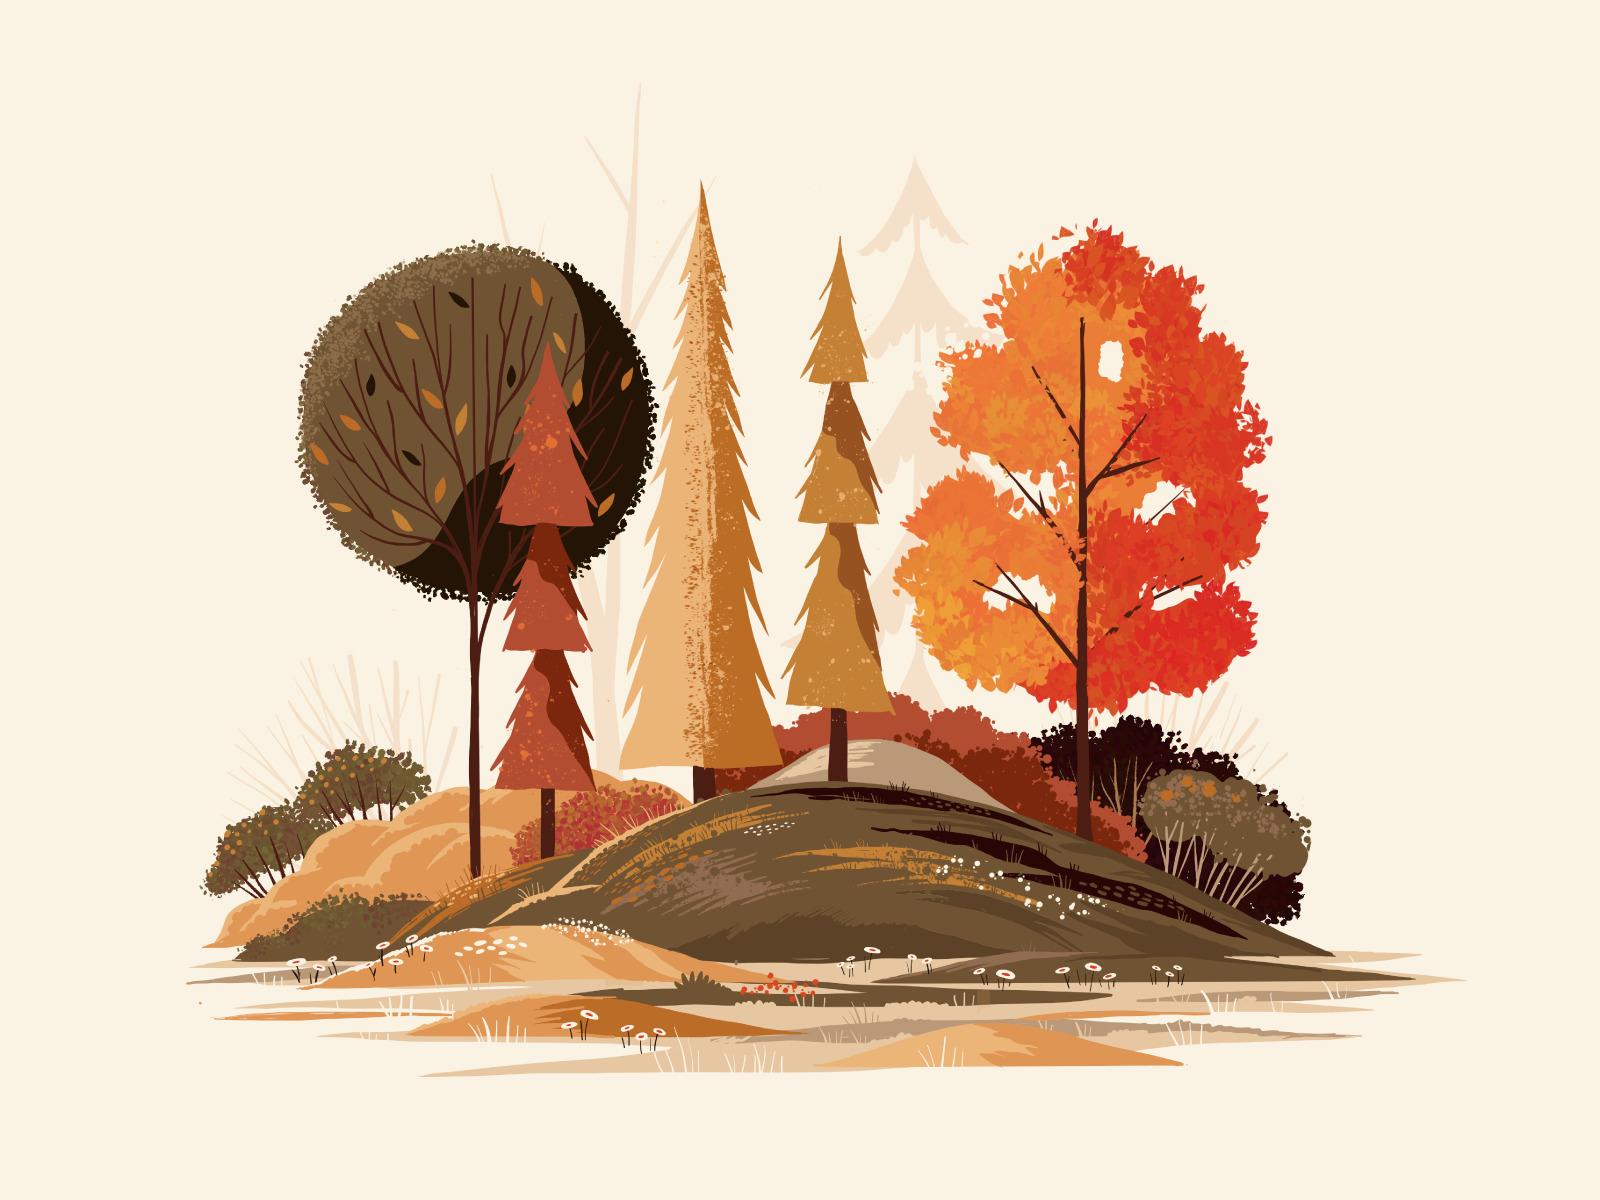 Барви осені: 30+ осінніх цифрових ілюстрацій